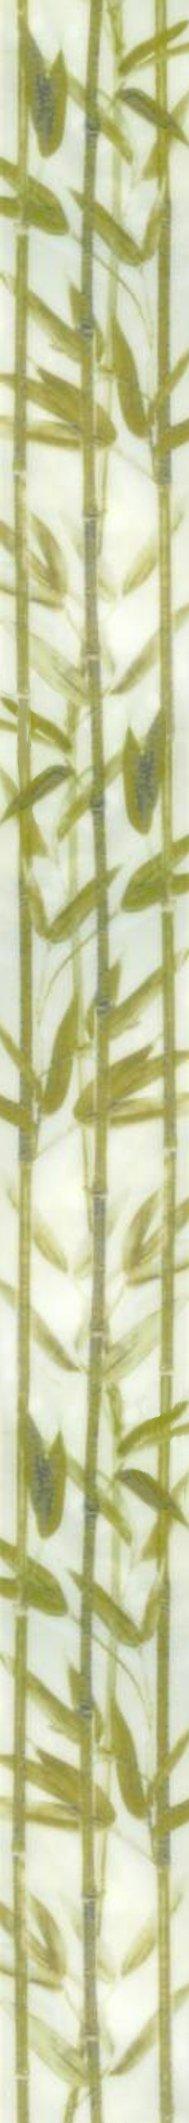 bambus.jpg